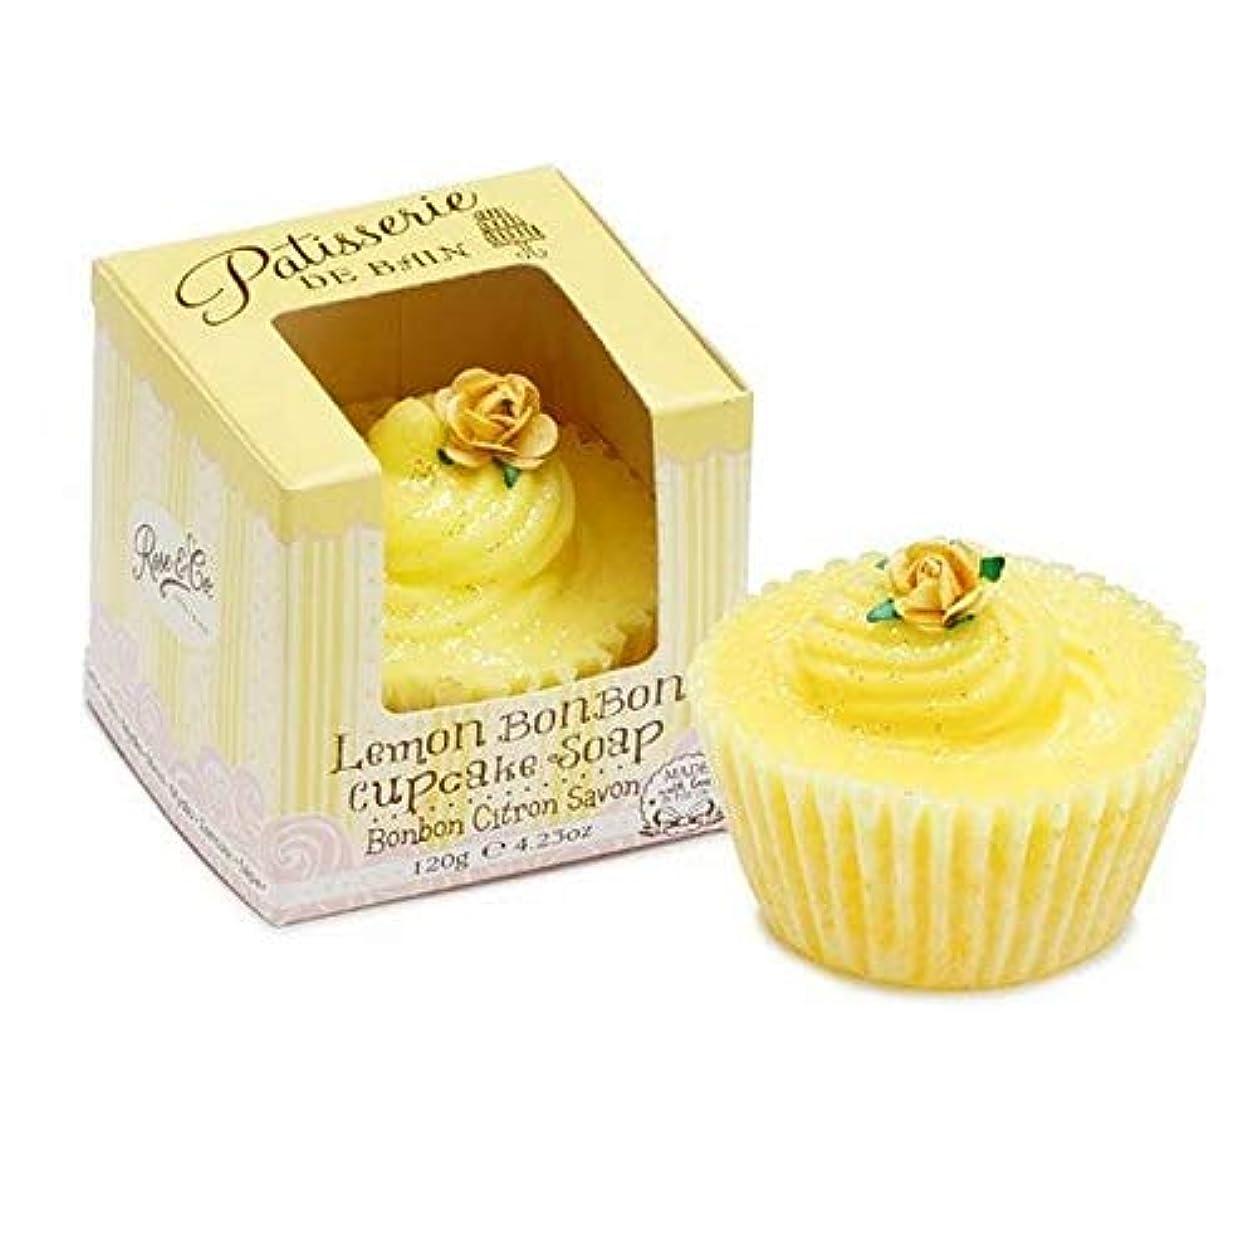 ニッケルスキャン同志[Patisserie de Bain ] パティスリー?デ?ベインレモンボンボンカップケーキソープ120グラム - Patisserie de Bain Lemon Bon Bon Cupcake soap 120g...